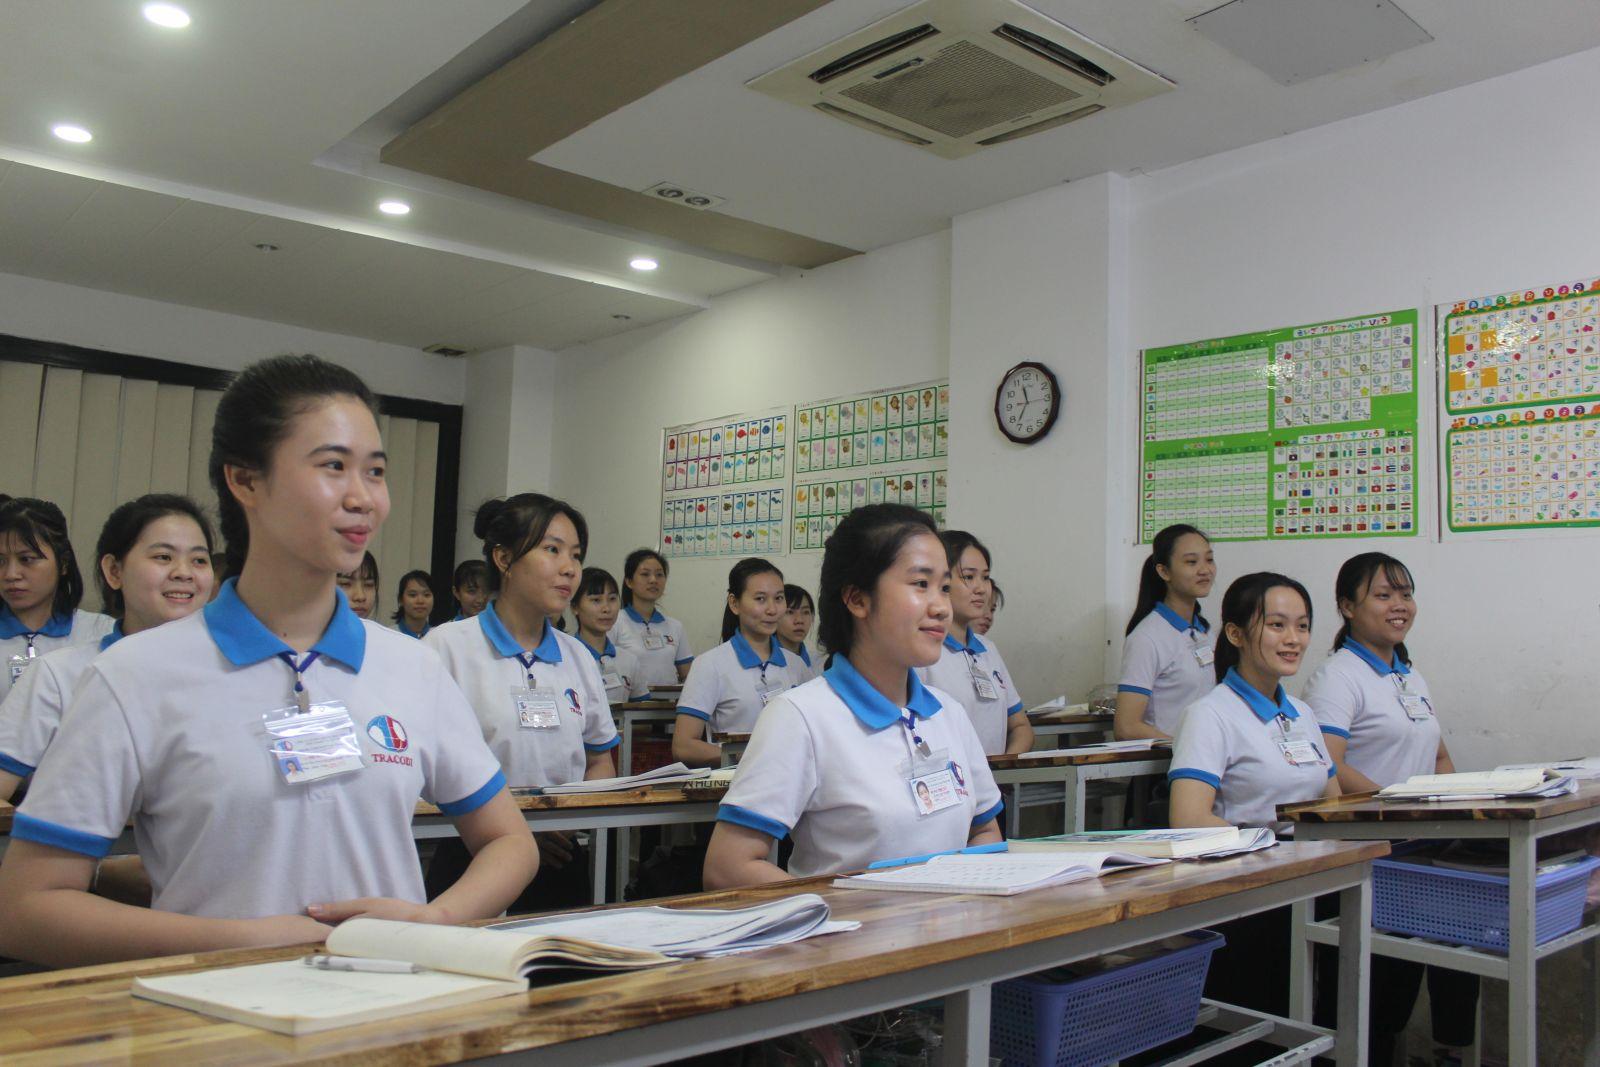 Để được đi làm việc ở nước ngoài, người lao độngphải mất ít nhất 10 tháng để học ngoại ngữ, văn hóa,... nước tiếp nhận